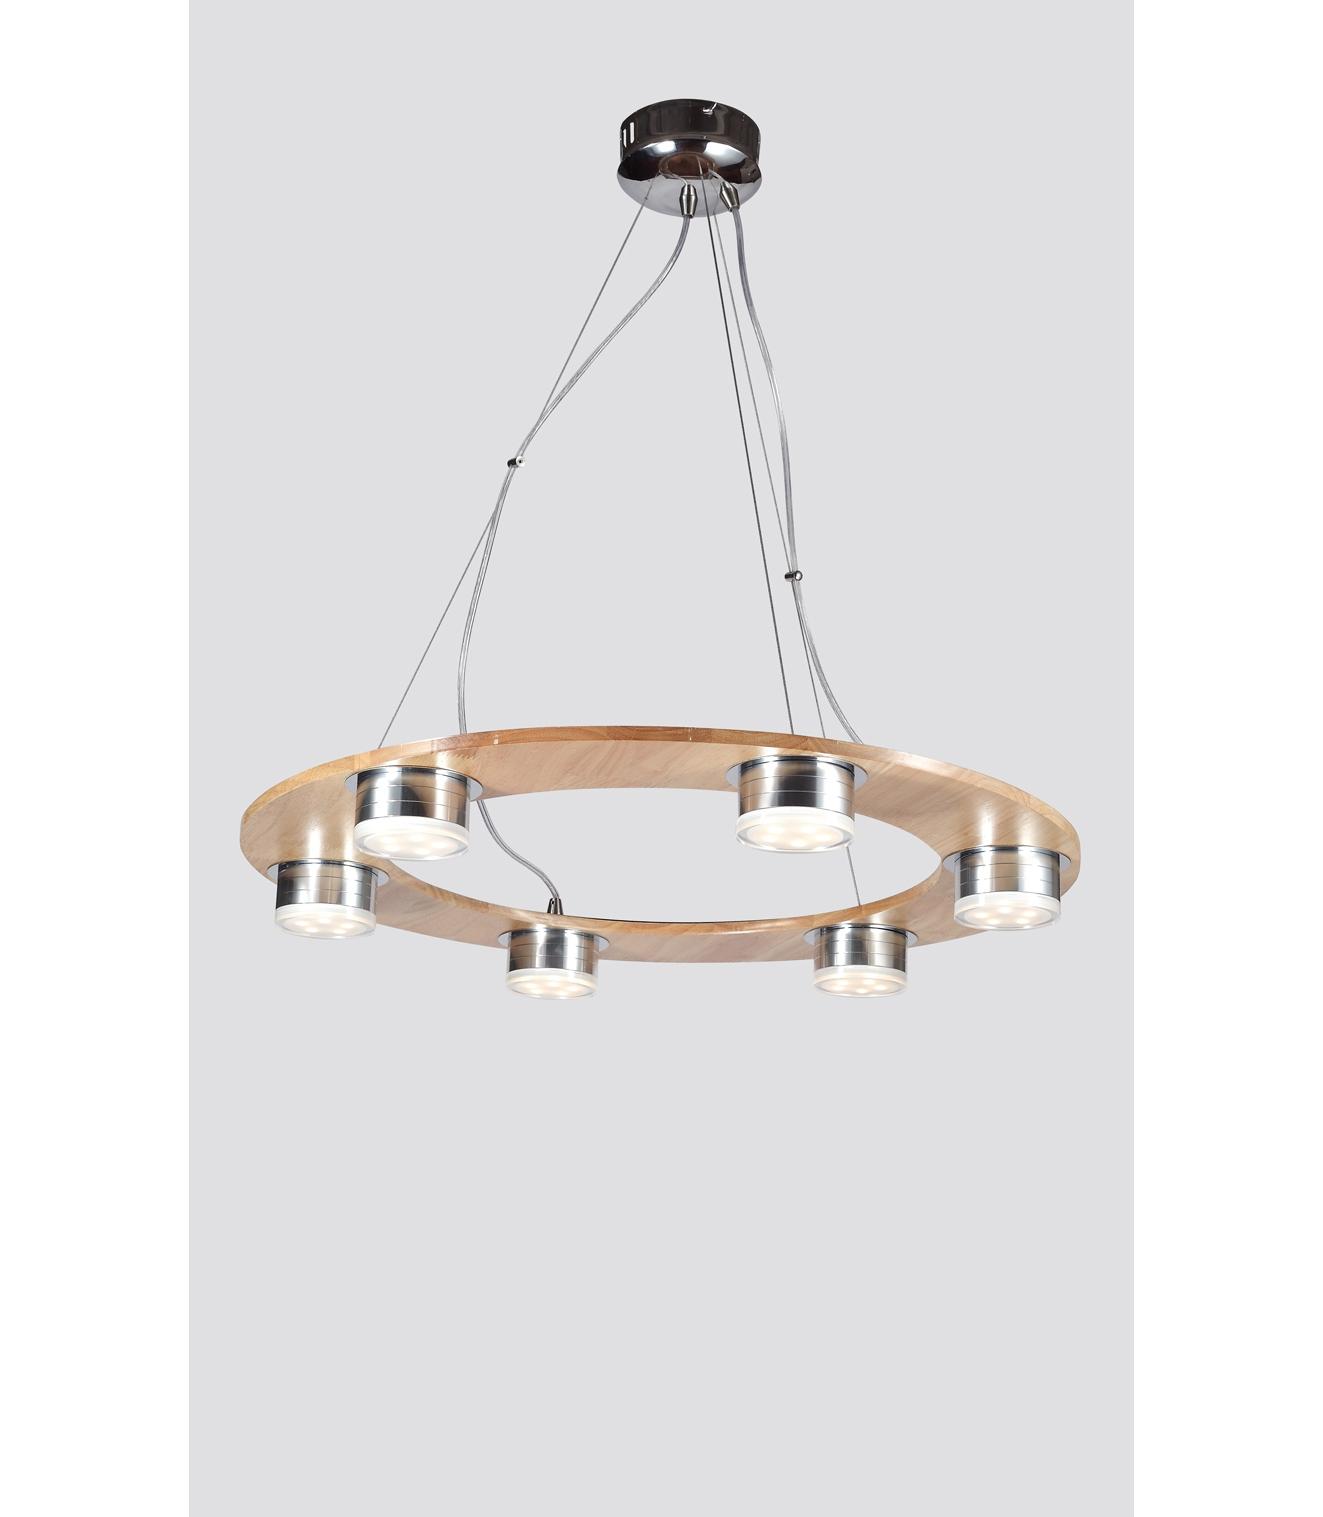 Подвесной светильник NaturaПодвесные светильники<br>Материал: Дерево/металл/акрил<br>Design by Marco Rossini Italy<br>Источник света: LED 6*5W<br>Особенности:<br>  a) Низкое энергопотребление<br>  b) Яркое свечение по температуре оптимизировано под обычные лампочки накаливания<br>  c) Не нуждается в замене лампочек&amp;amp;nbsp;<br><br>Material: Дерево<br>Высота см: 61